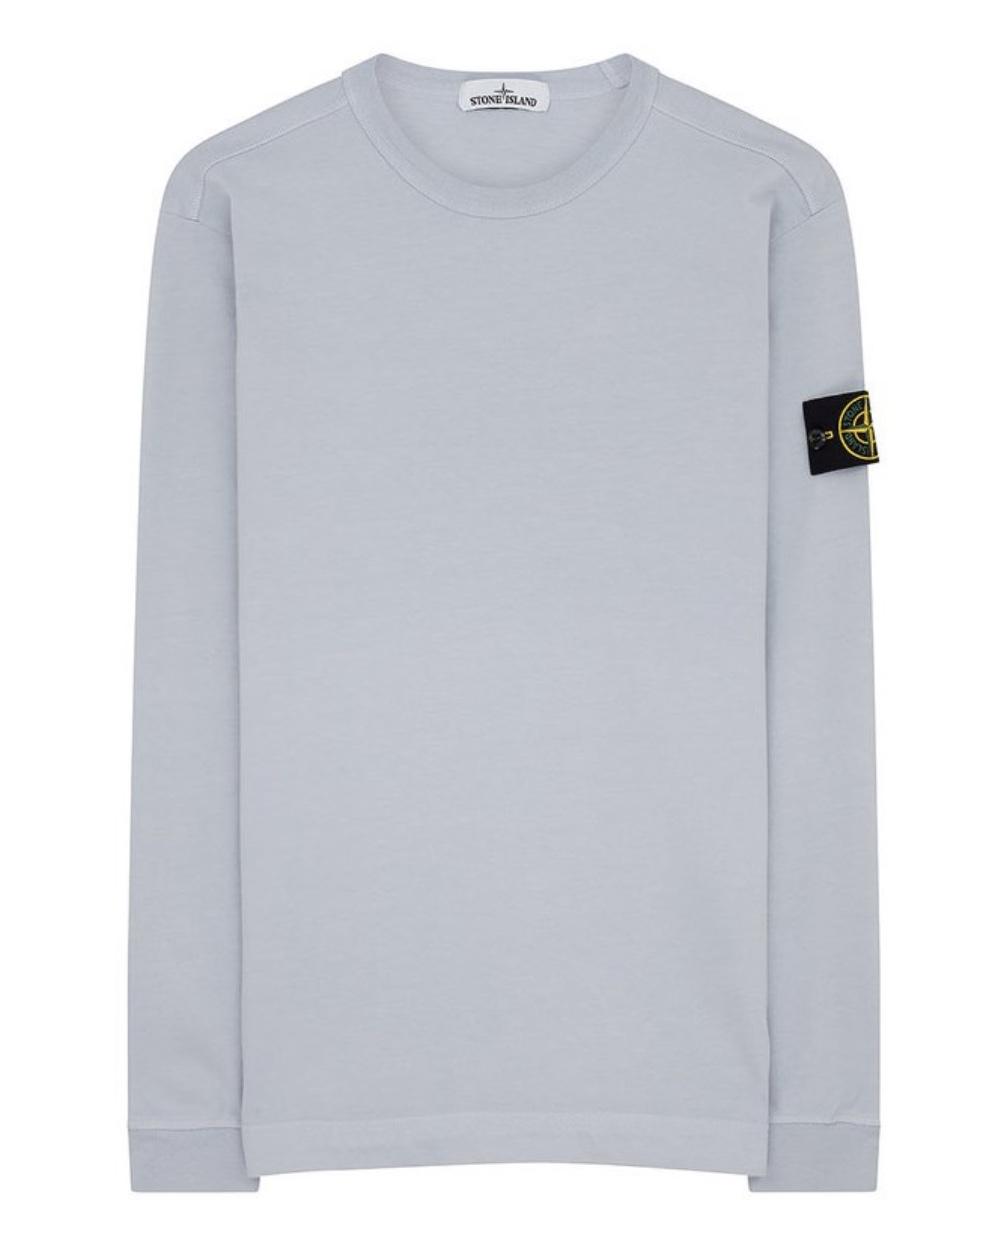 Sweatshirt In Sky Blue